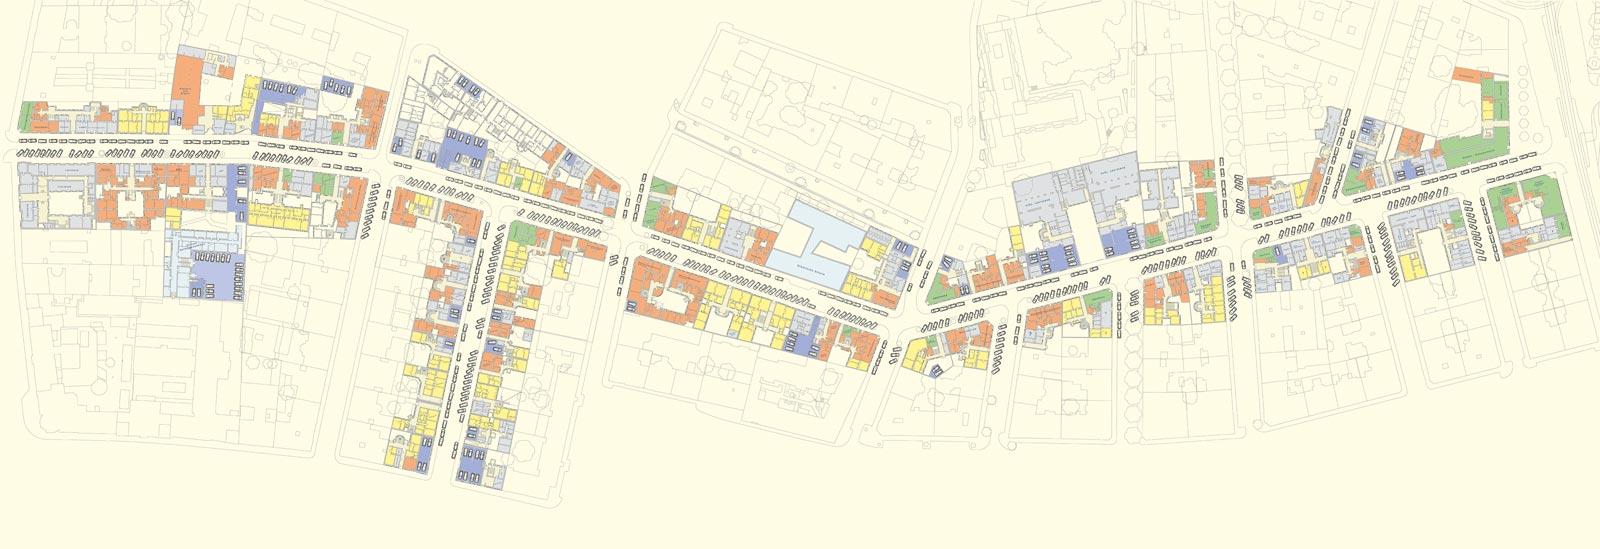 Nutzungsstrukturplan: Untersucht werden von Angelika Psenner unter anderem auch Nutzungsstrukturen von Erdgeschosszonen.